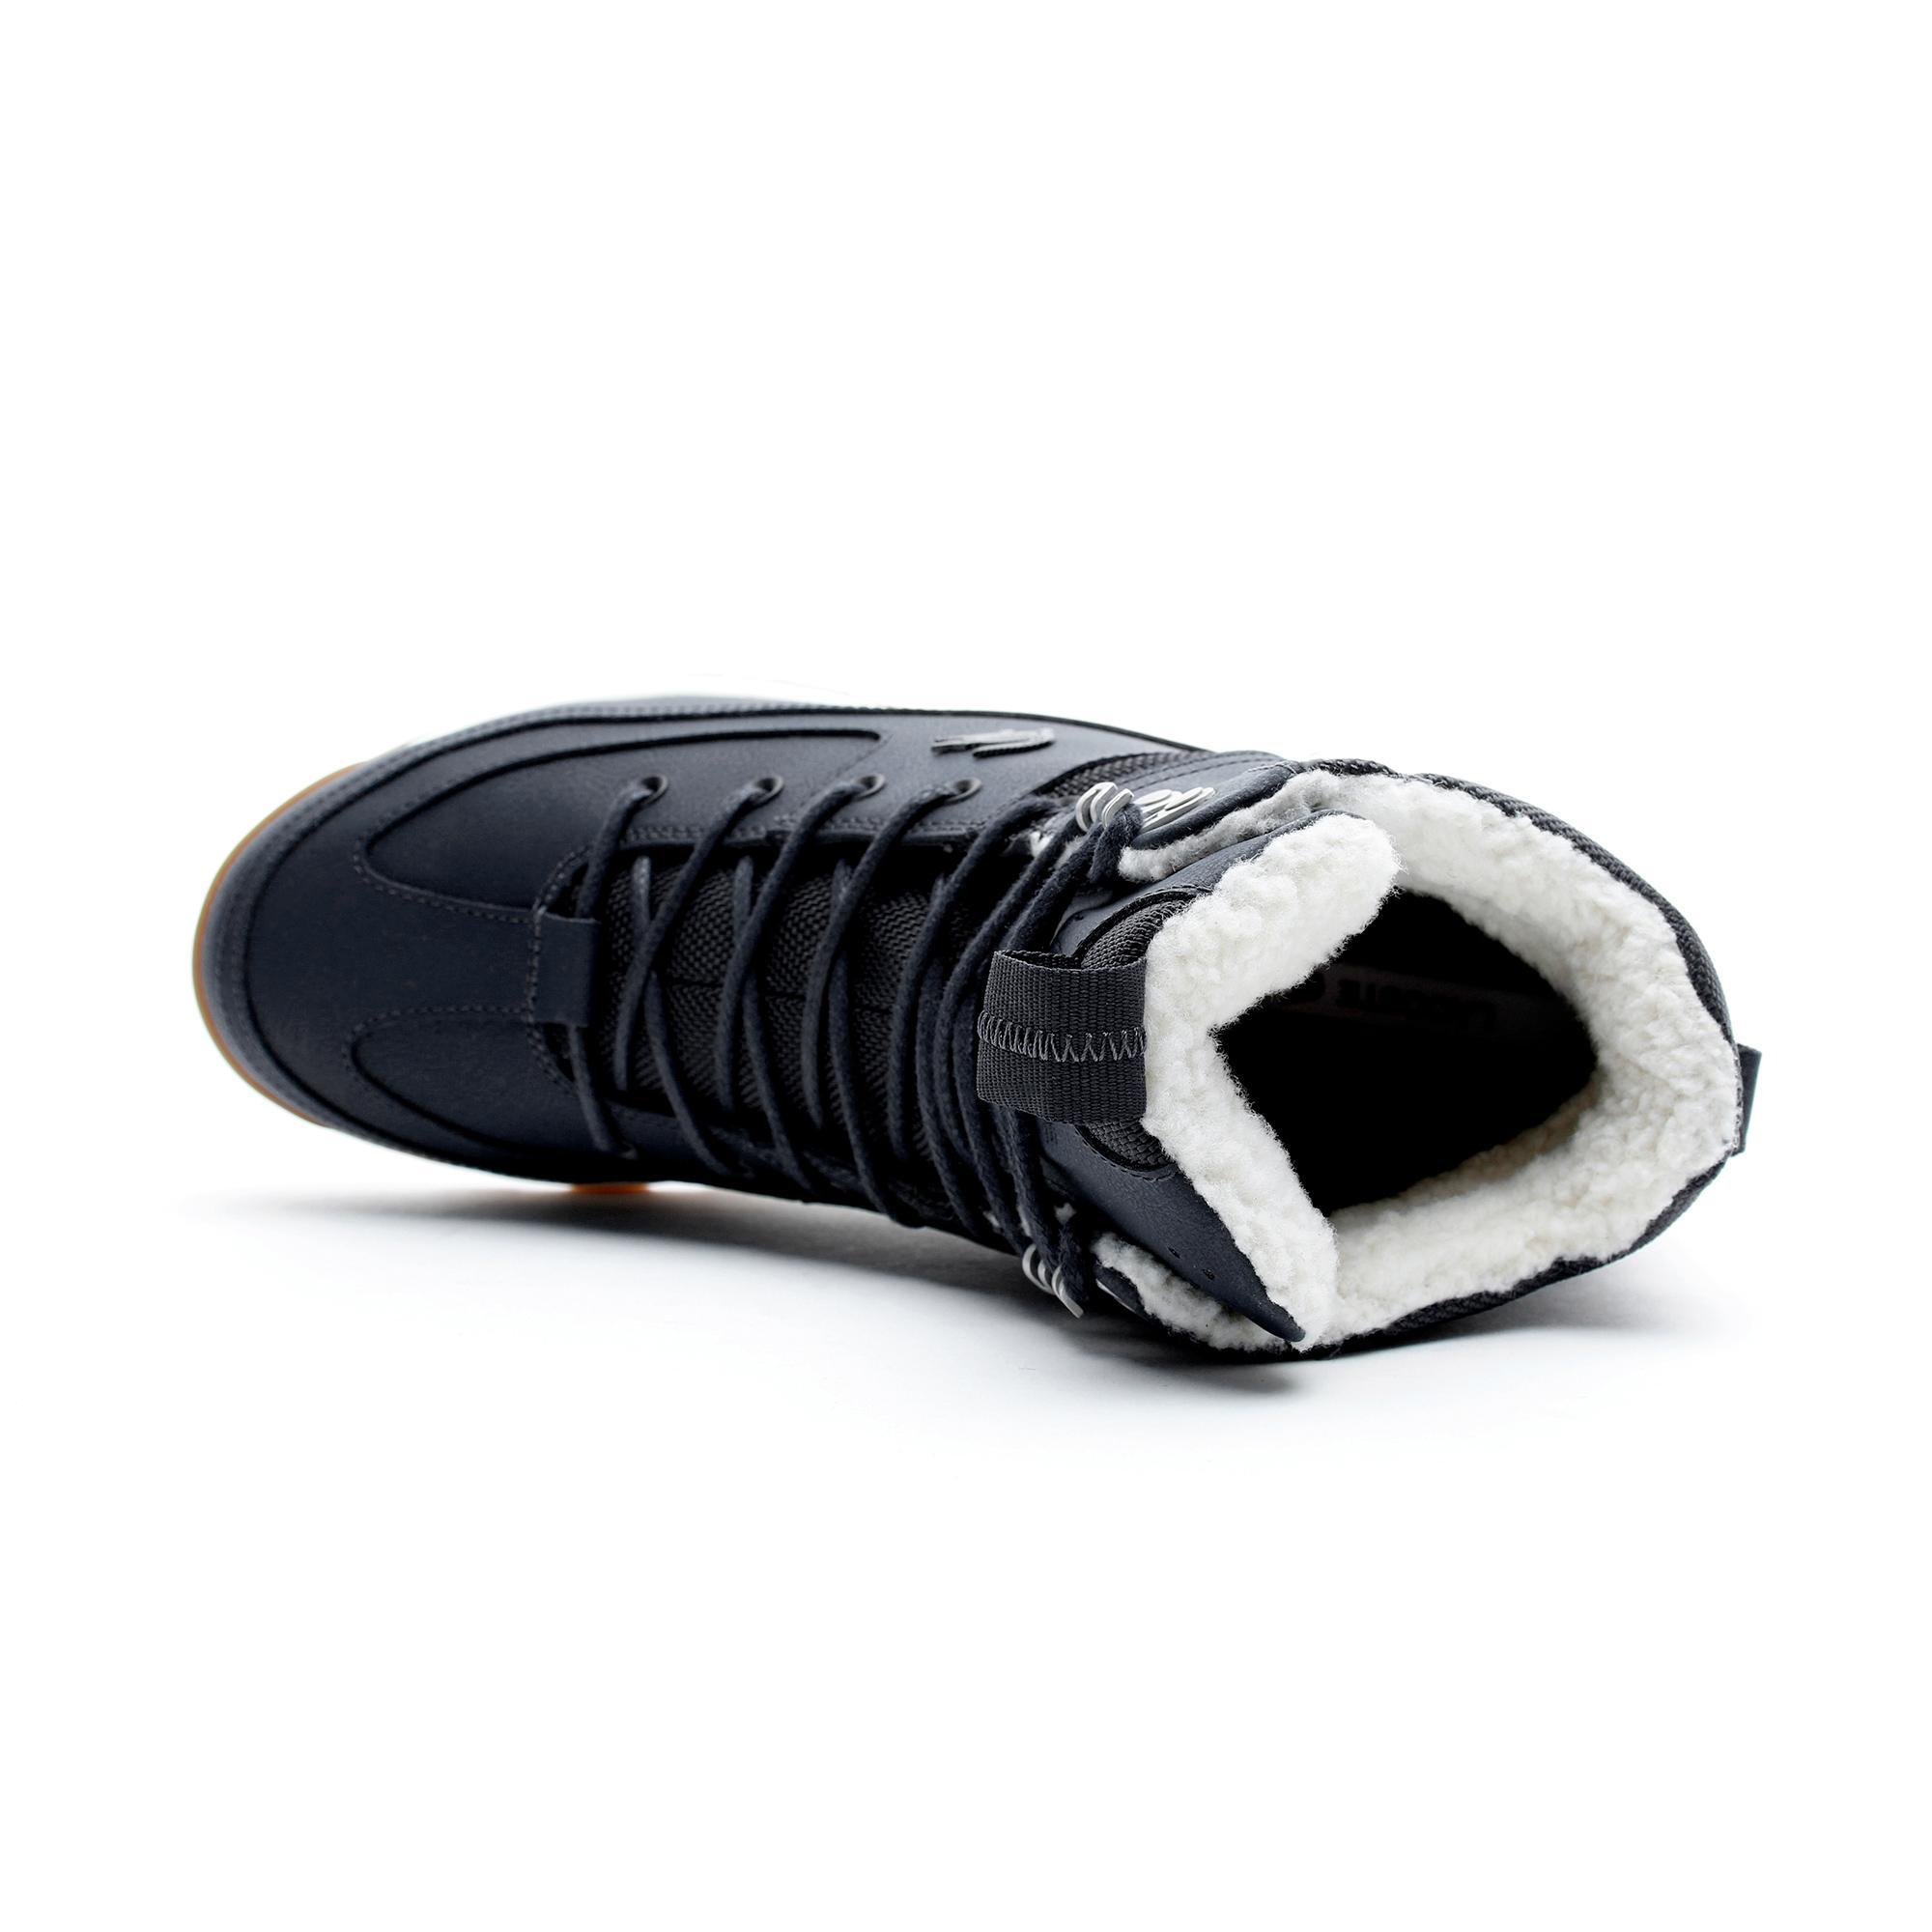 Lacoste Urban Breaker 419 Men's Boot